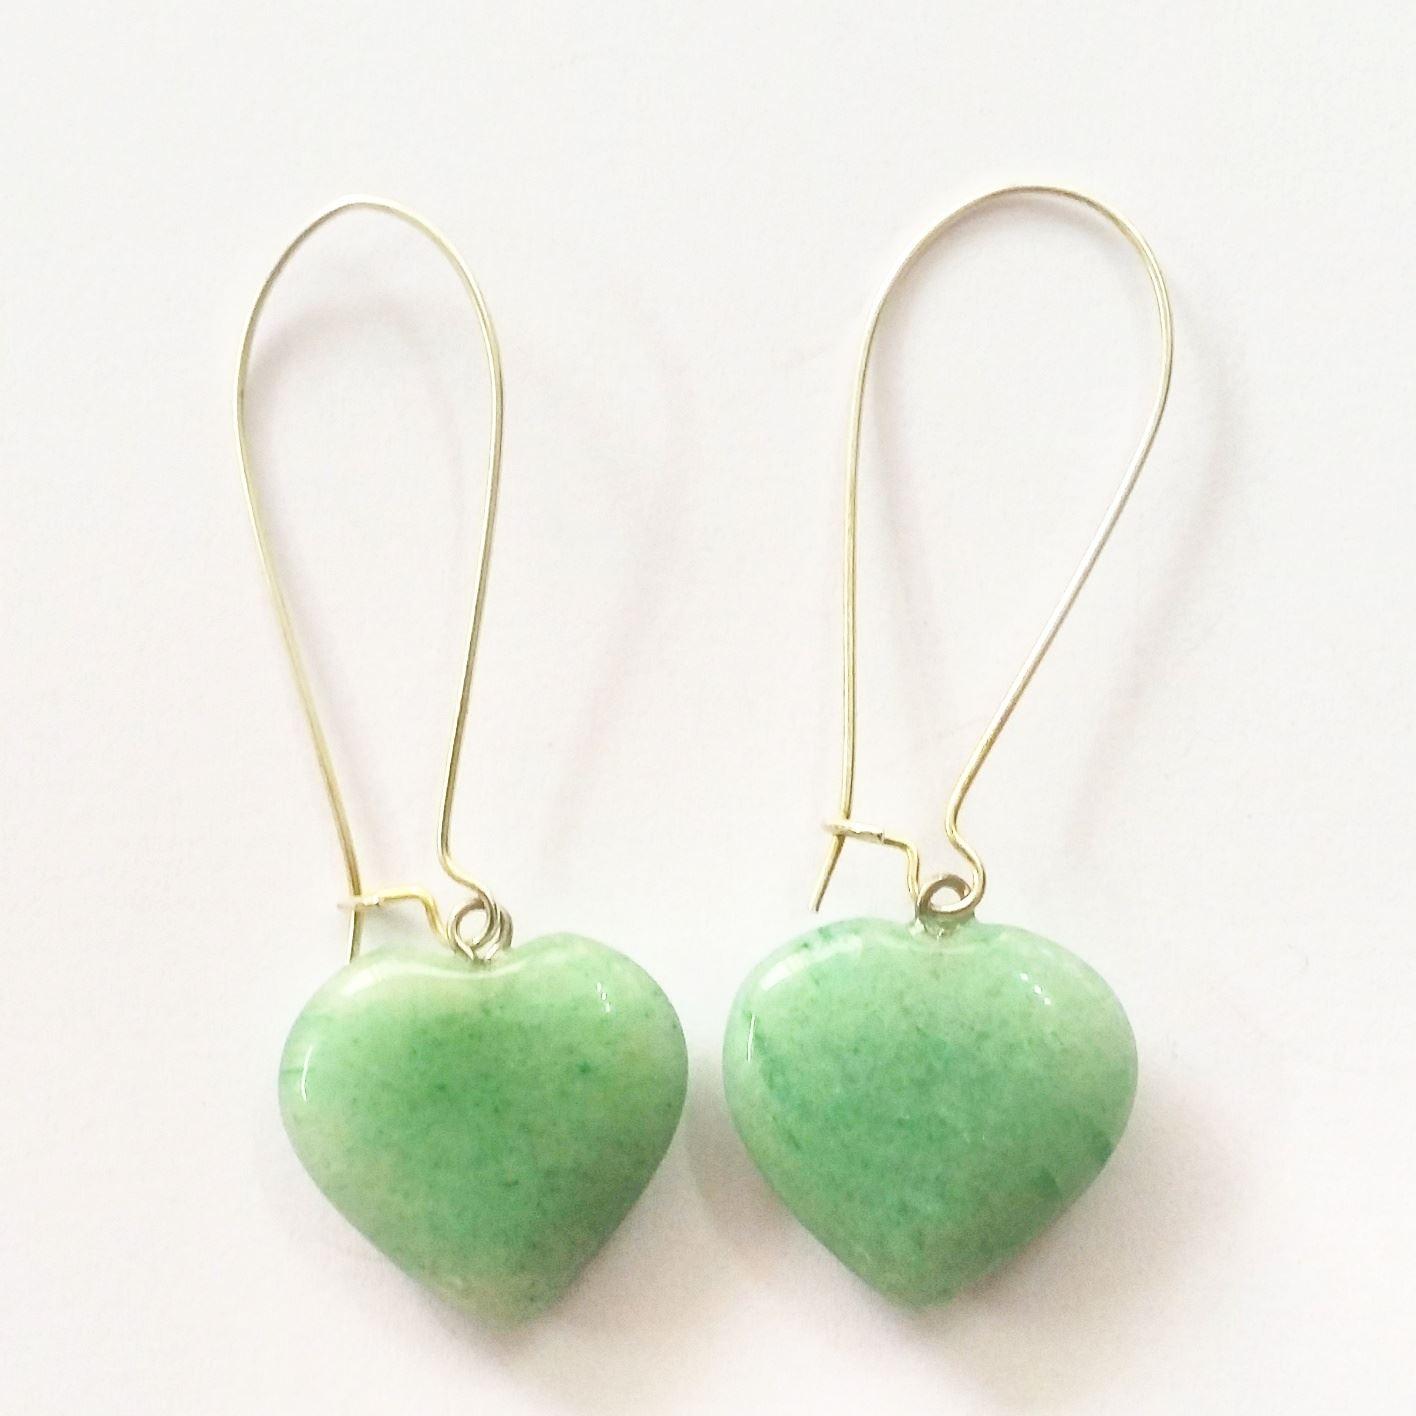 עגילים מוכסף מאבן אוונטורין עיצוב לב